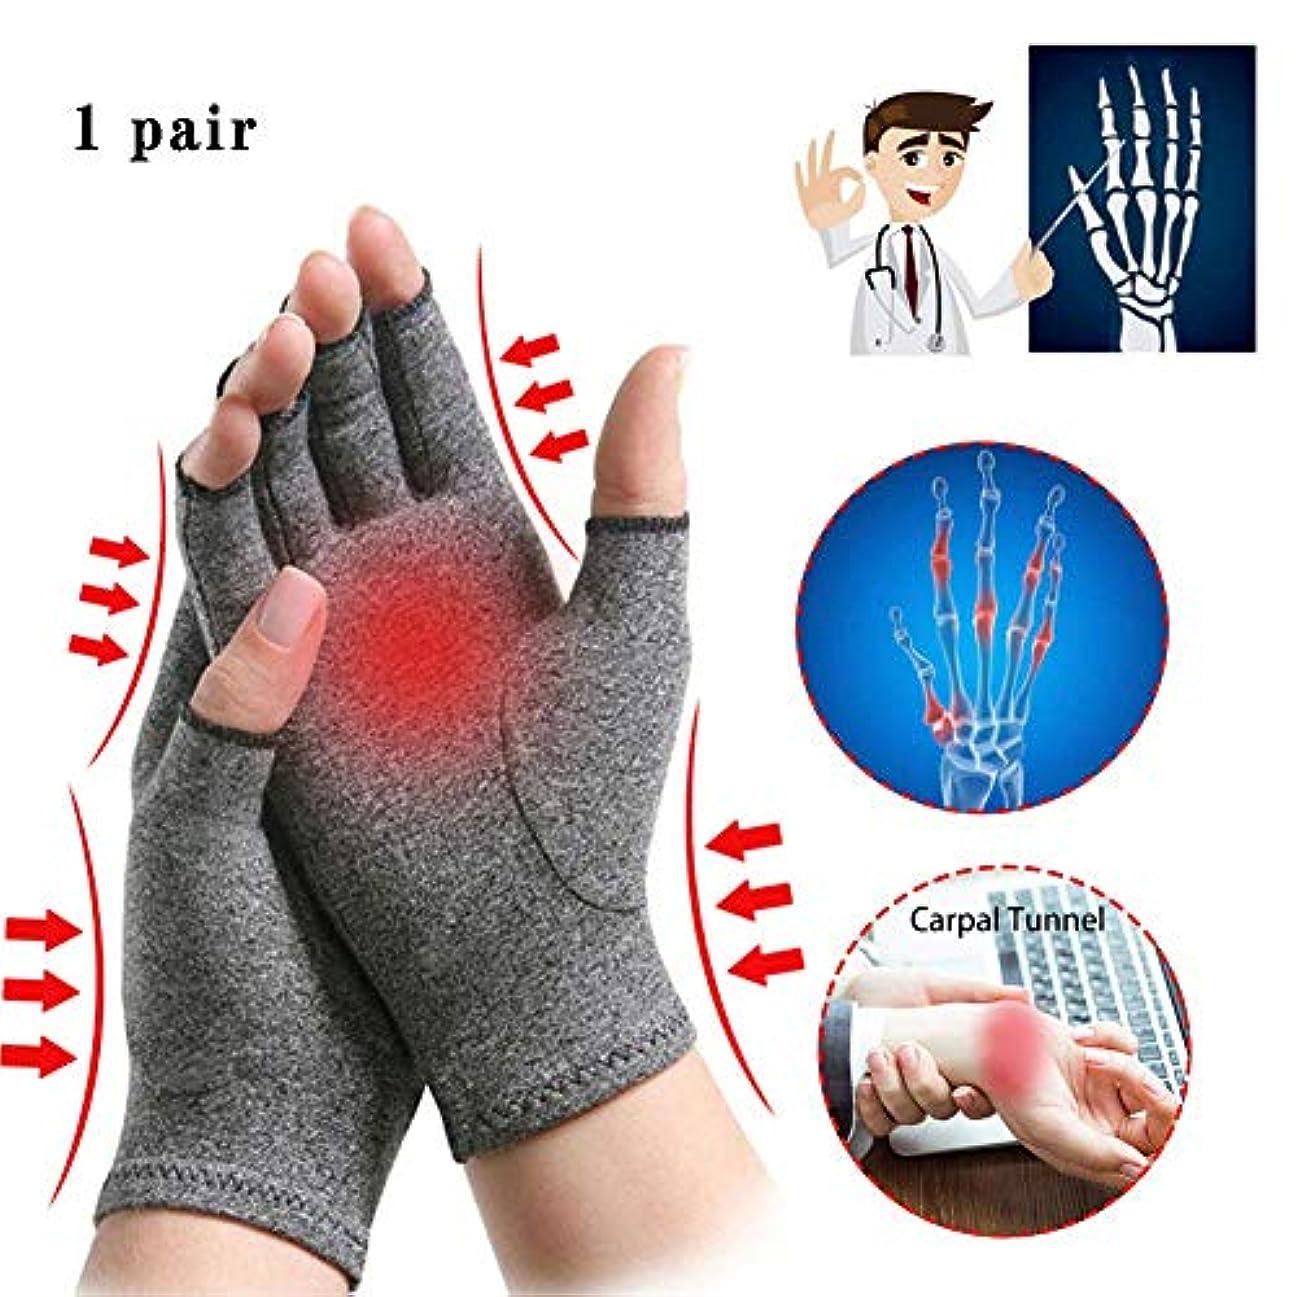 書く暴君カジュアル関節炎グローブ関節炎の痛みの圧力手袋、指の保護設計なしの指を開いてサポートと暖かい綿アンモニア素材ユニセックス1ペアを提供します